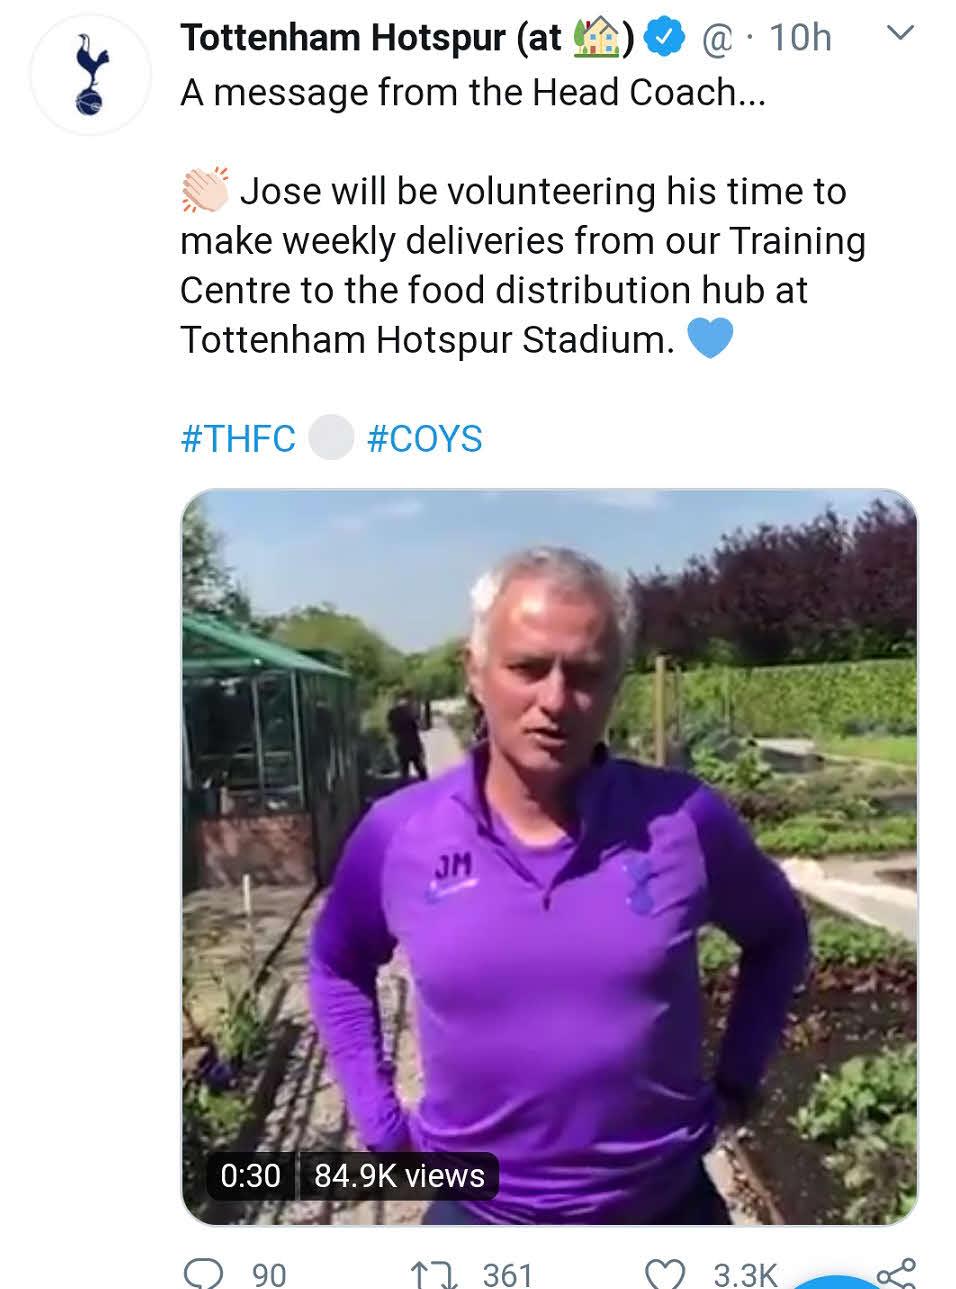 クラブ公式ツイッターで、練習場の菜園前から食料を届けることを表明したトットナムのモウリーニョ監督(トットナム公式ツイッターより)